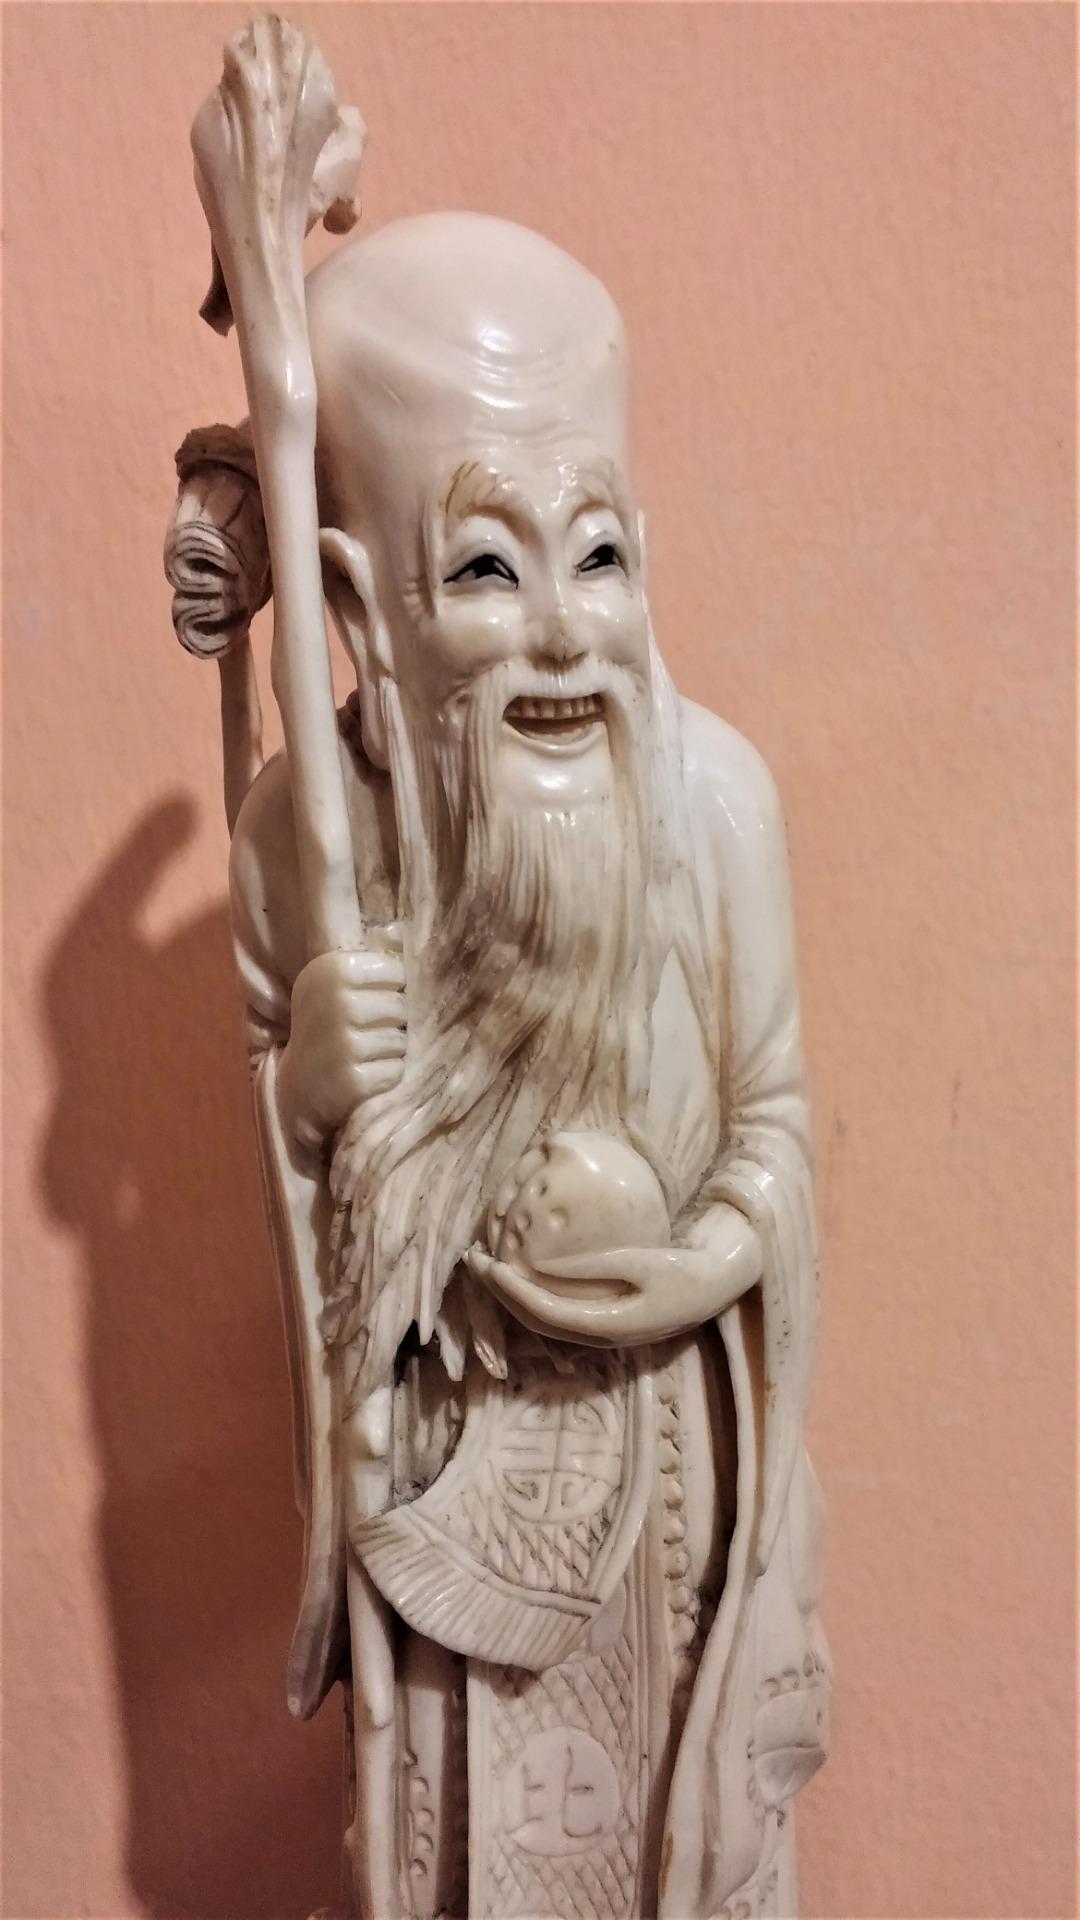 thumb2|Statuetta in avorio, saggio orientale, fine '800